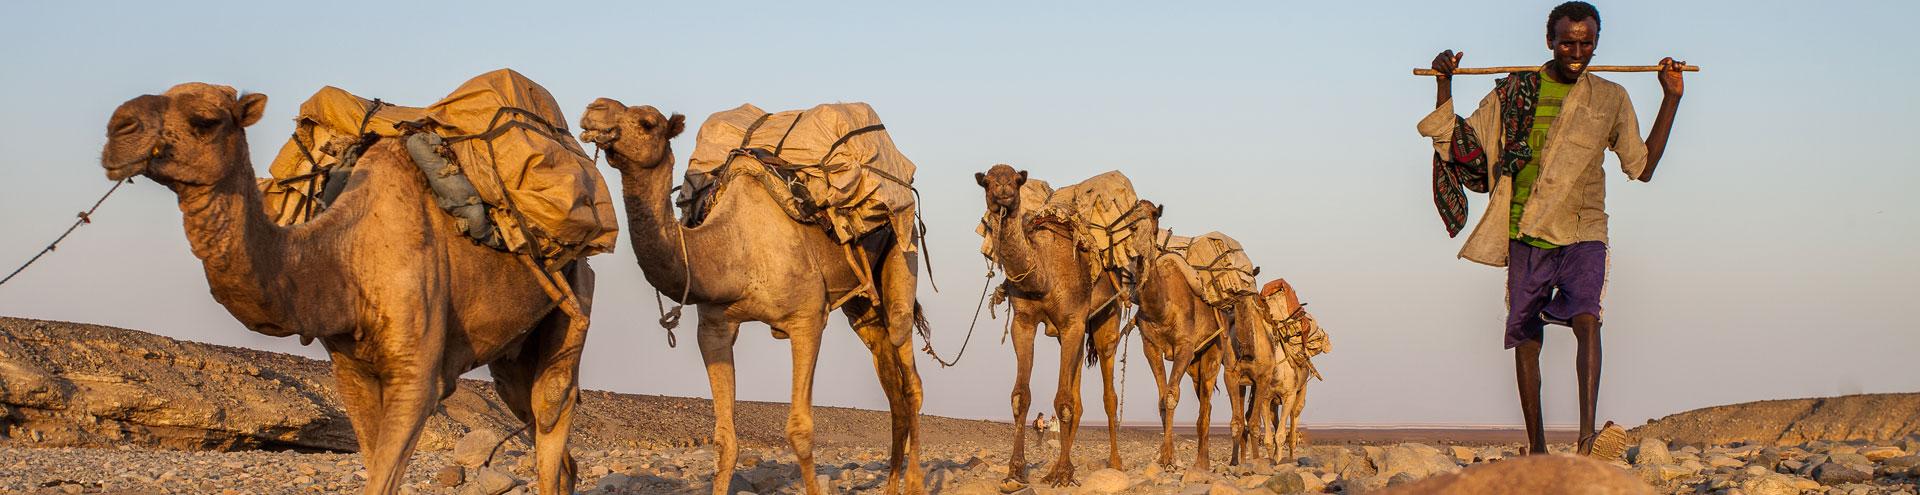 Salzkarawane in der Danakil-Wüste in Äthiopien